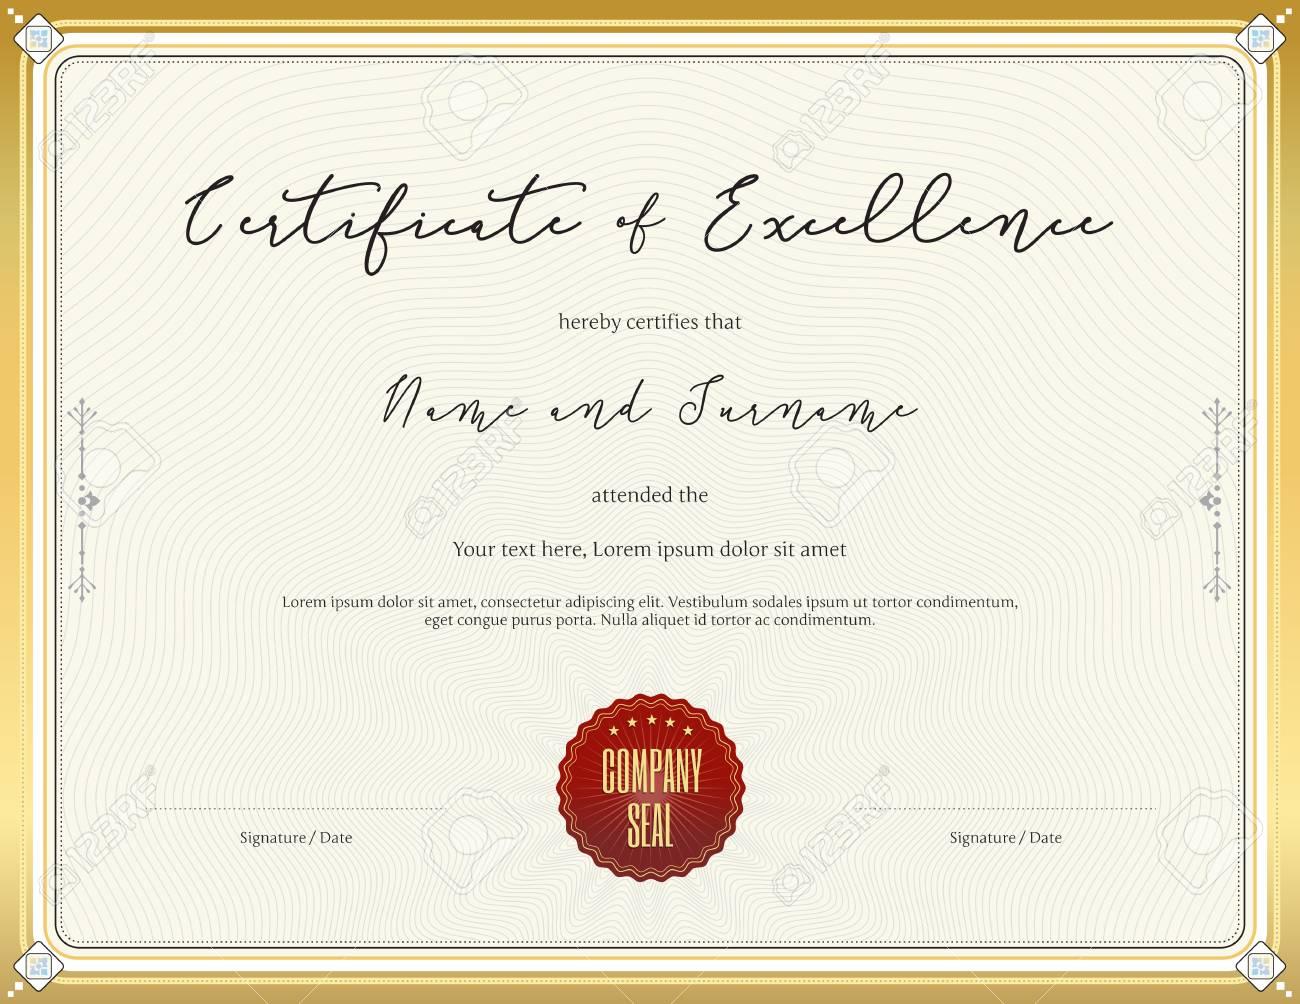 Asombroso Plantillas De Certificado De Logro Gratis Elaboración ...